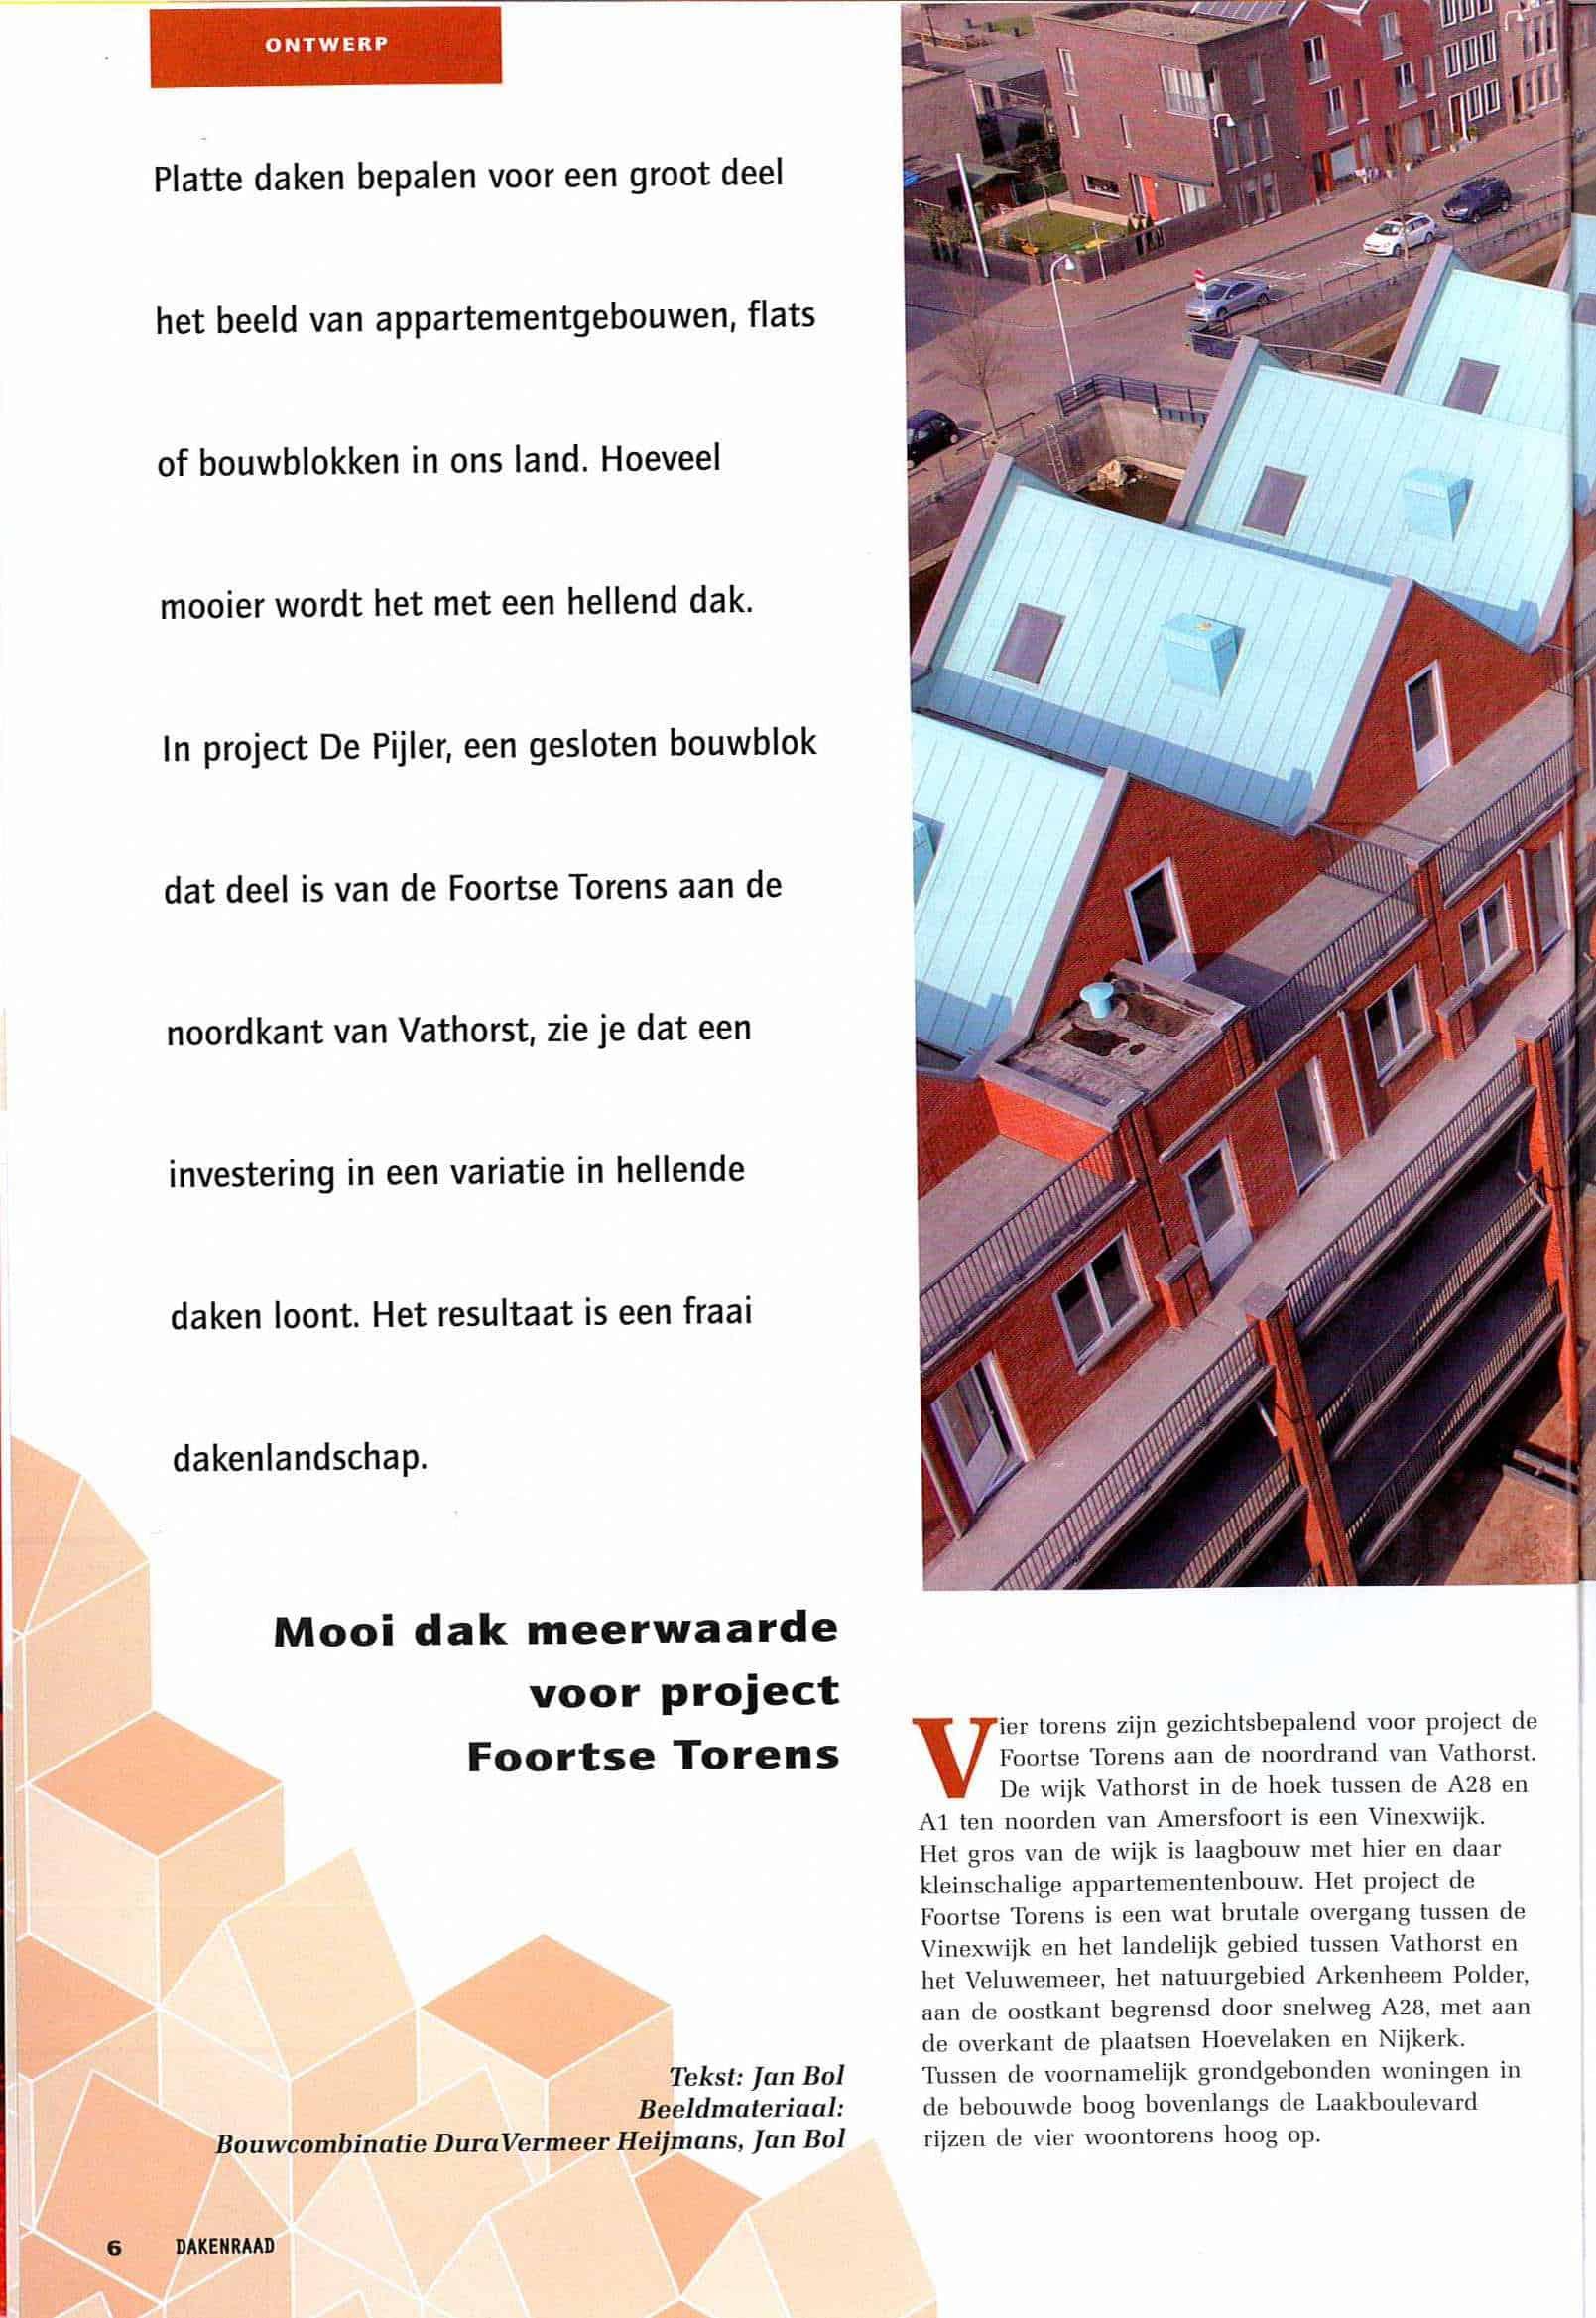 Dakenraad_2011-04_Vathorst-Dakenlandschap-siert-klassiek-bouwblok_1